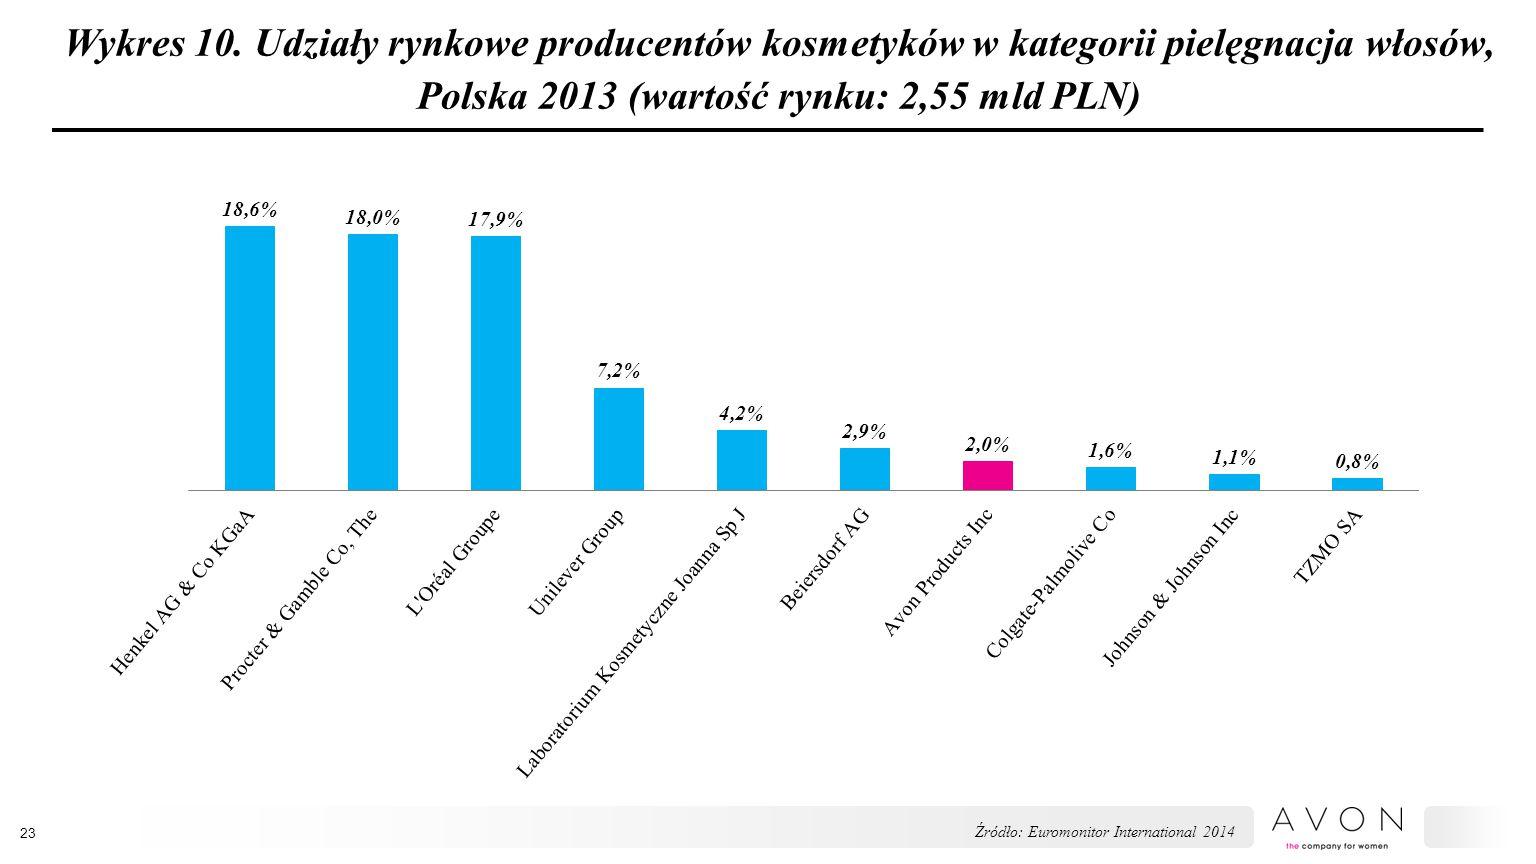 Wykres 10. Udziały rynkowe producentów kosmetyków w kategorii pielęgnacja włosów, Polska 2013 (wartość rynku: 2,55 mld PLN) 23 Źródło: Euromonitor Int